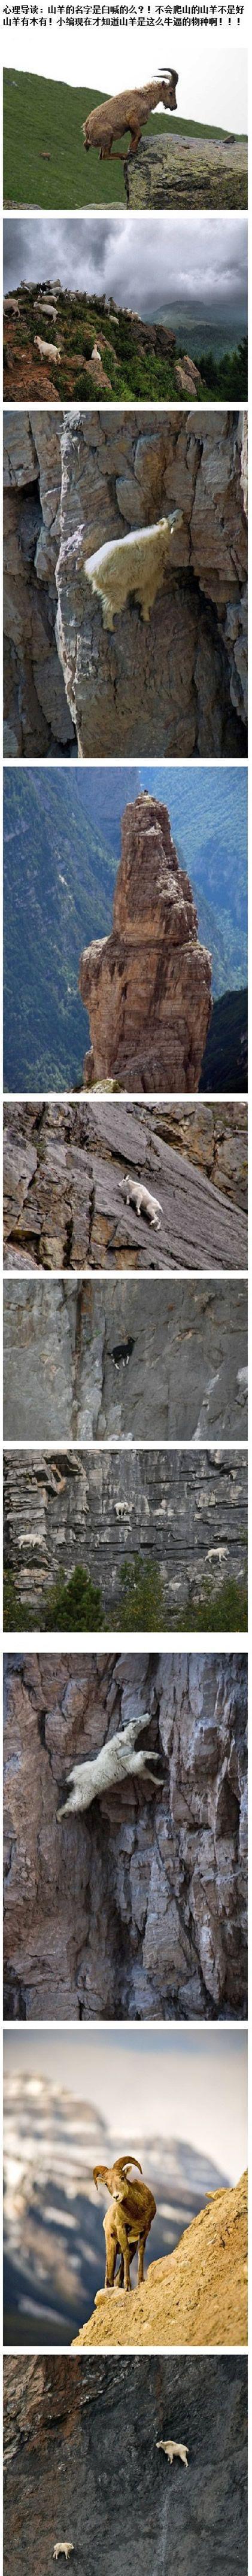 我现在才知道,山羊是这么牛逼的物种。。。。。。